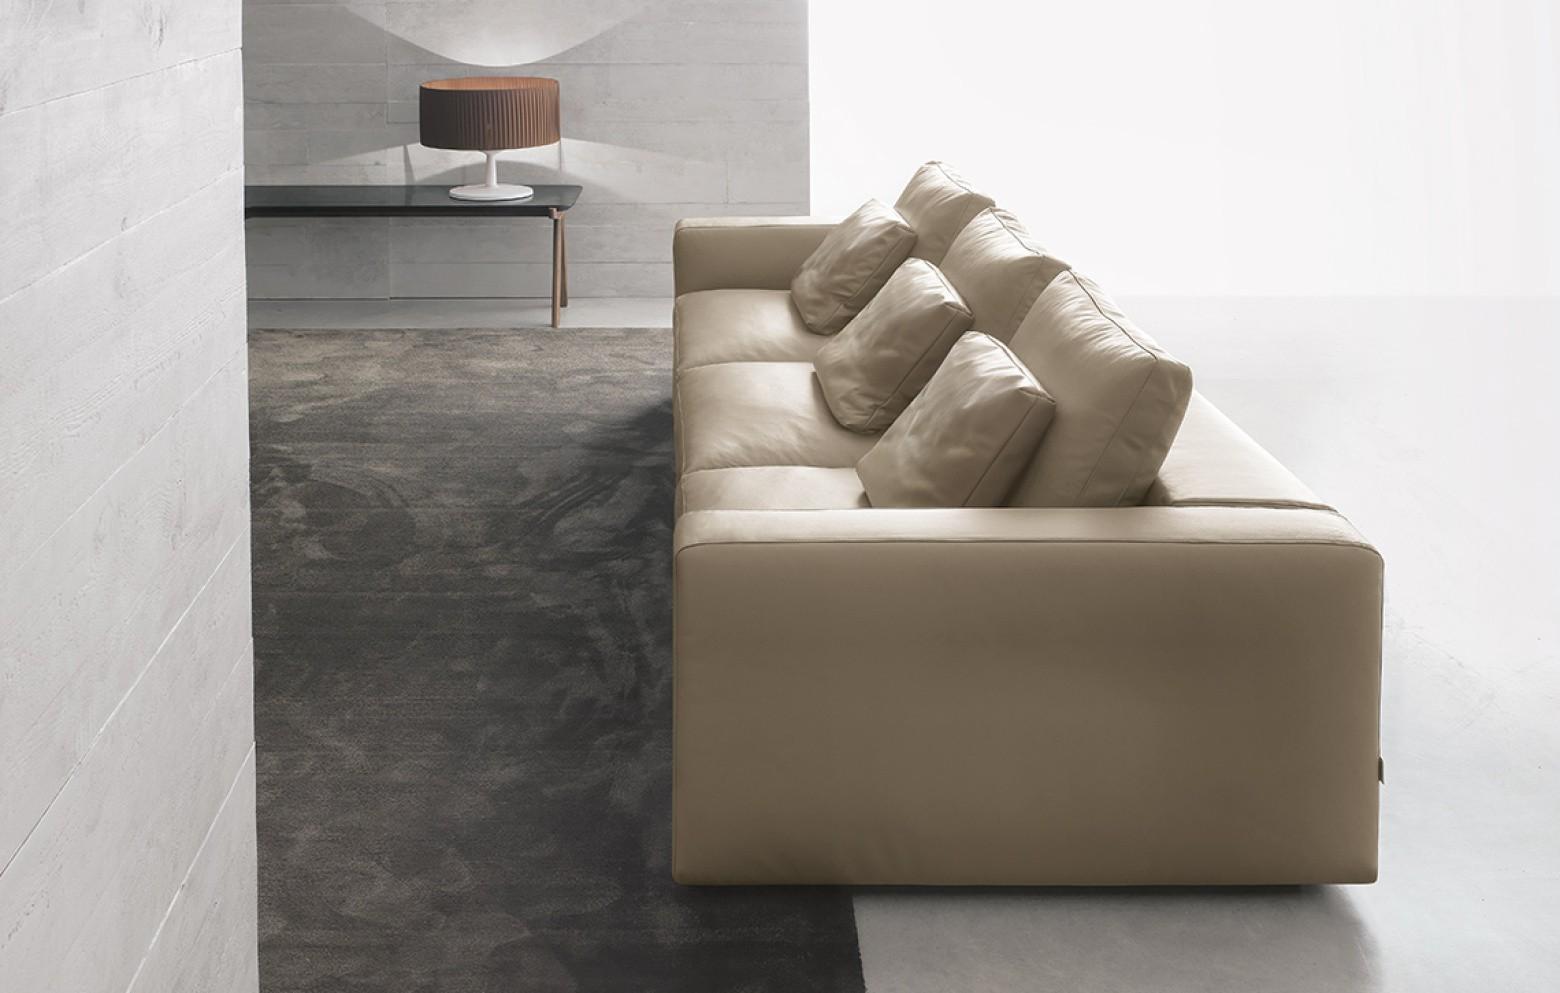 austin einzelsofa einzelsofas polsterm bel who 39 s. Black Bedroom Furniture Sets. Home Design Ideas